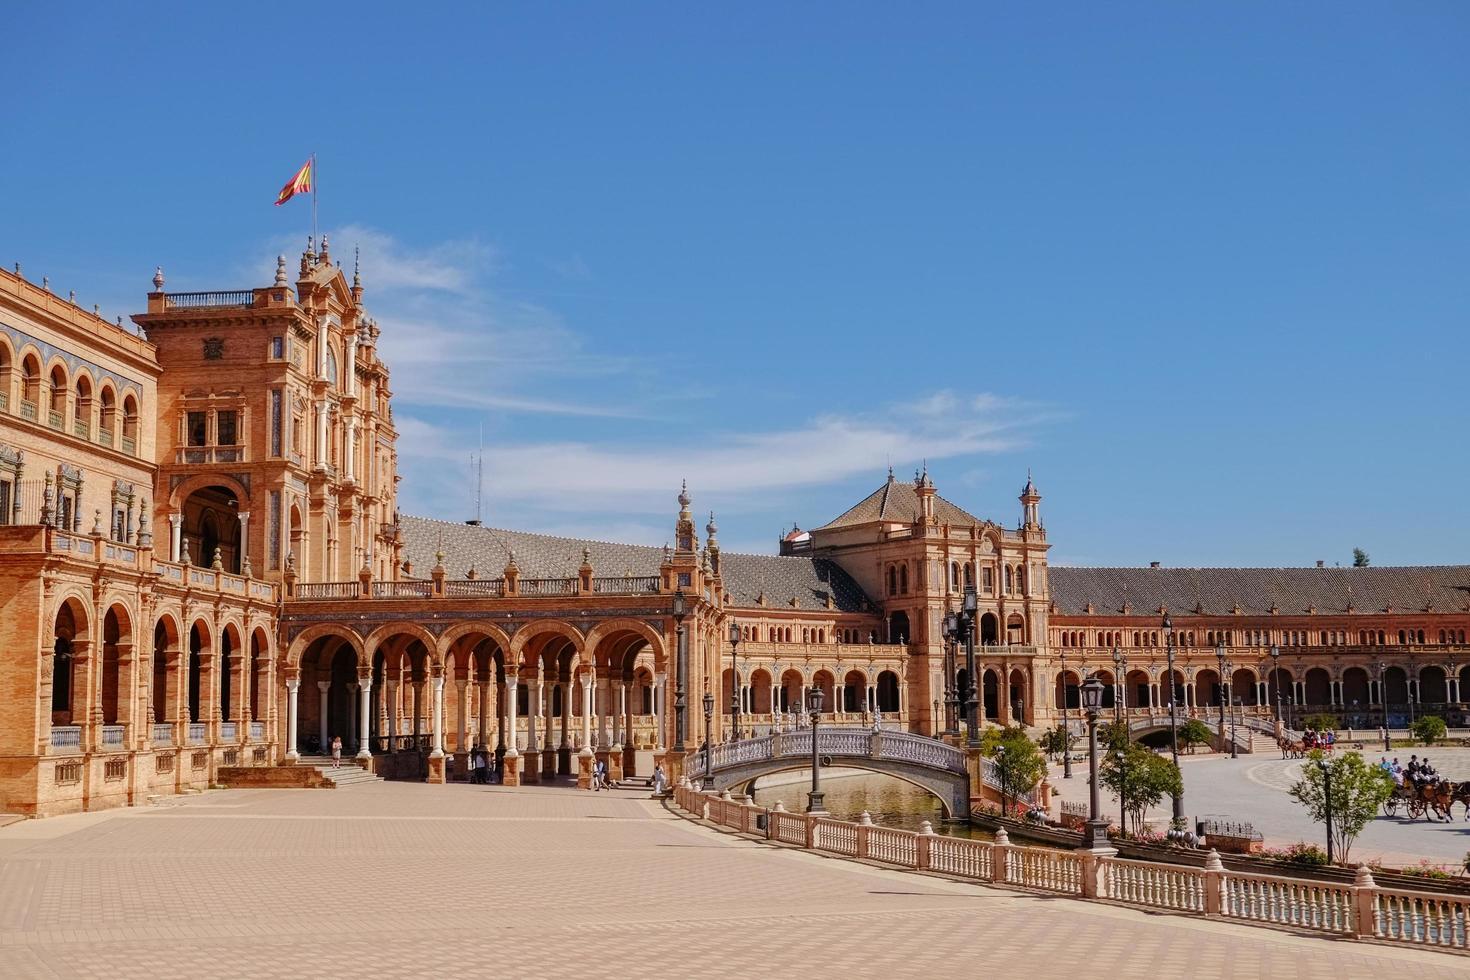 Vue du paysage de la plaza de espana photo